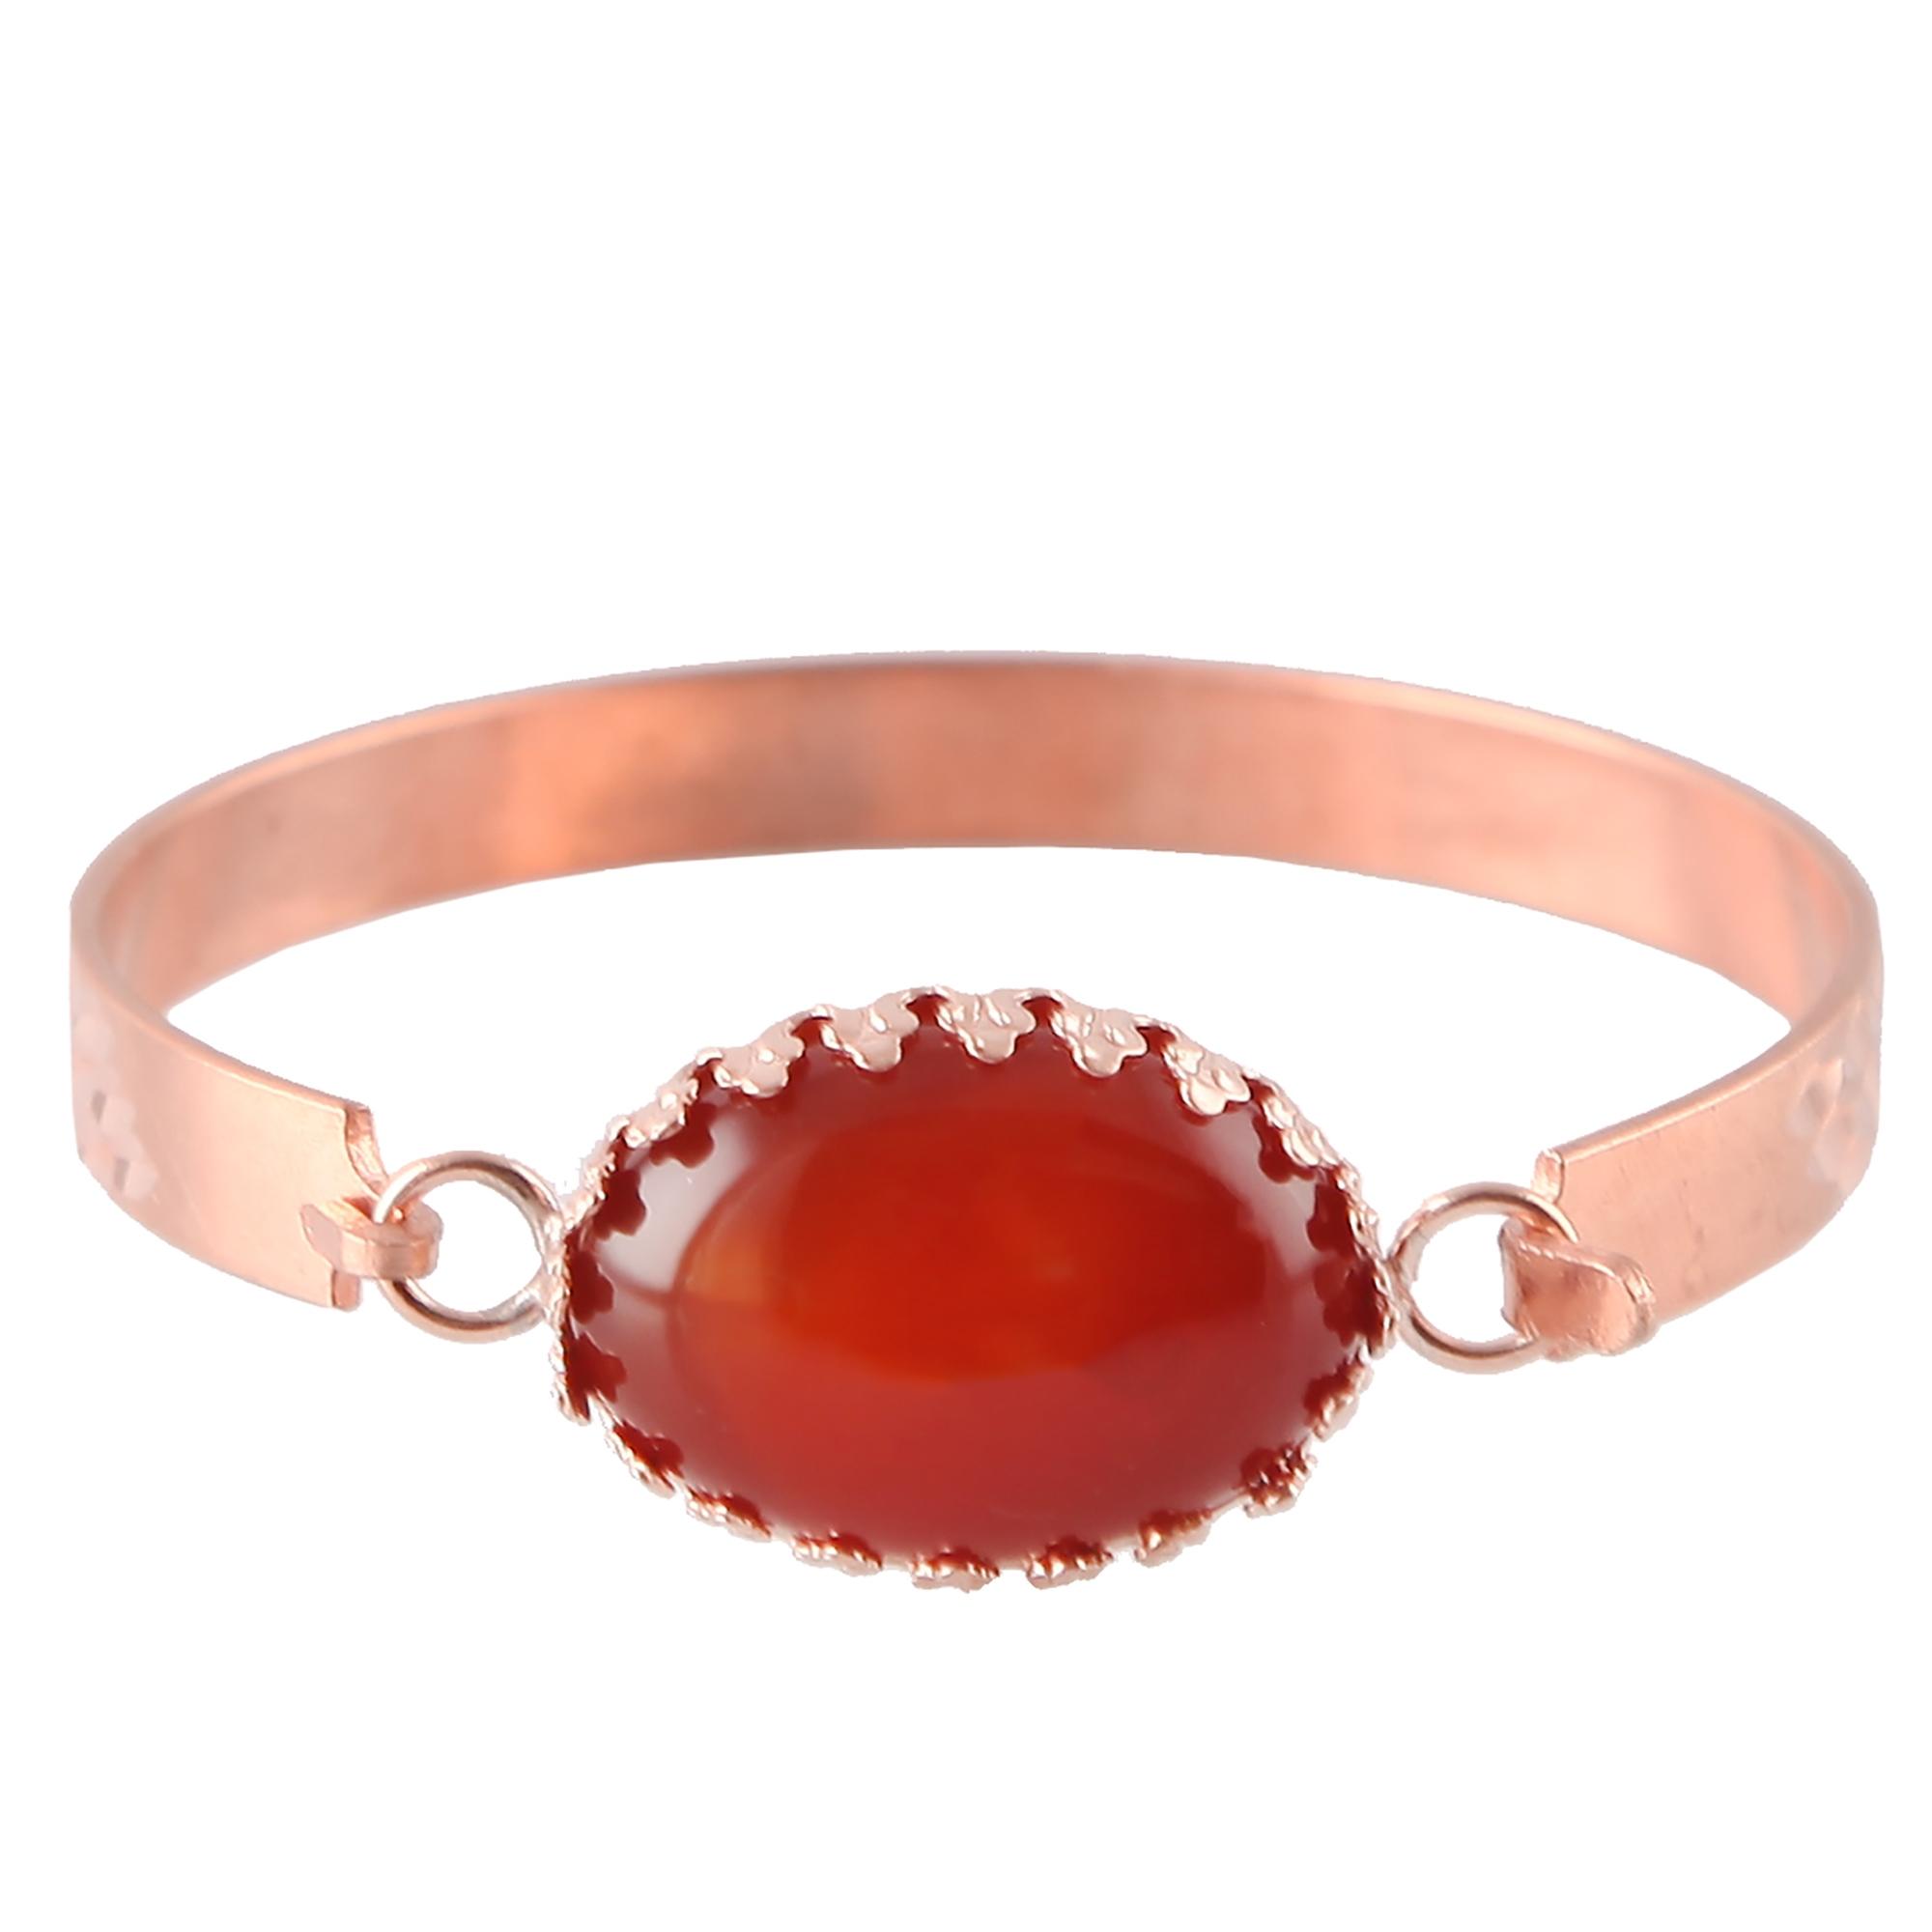 دستبند مسی گالری مثالین کد 149202 سایز M thumb